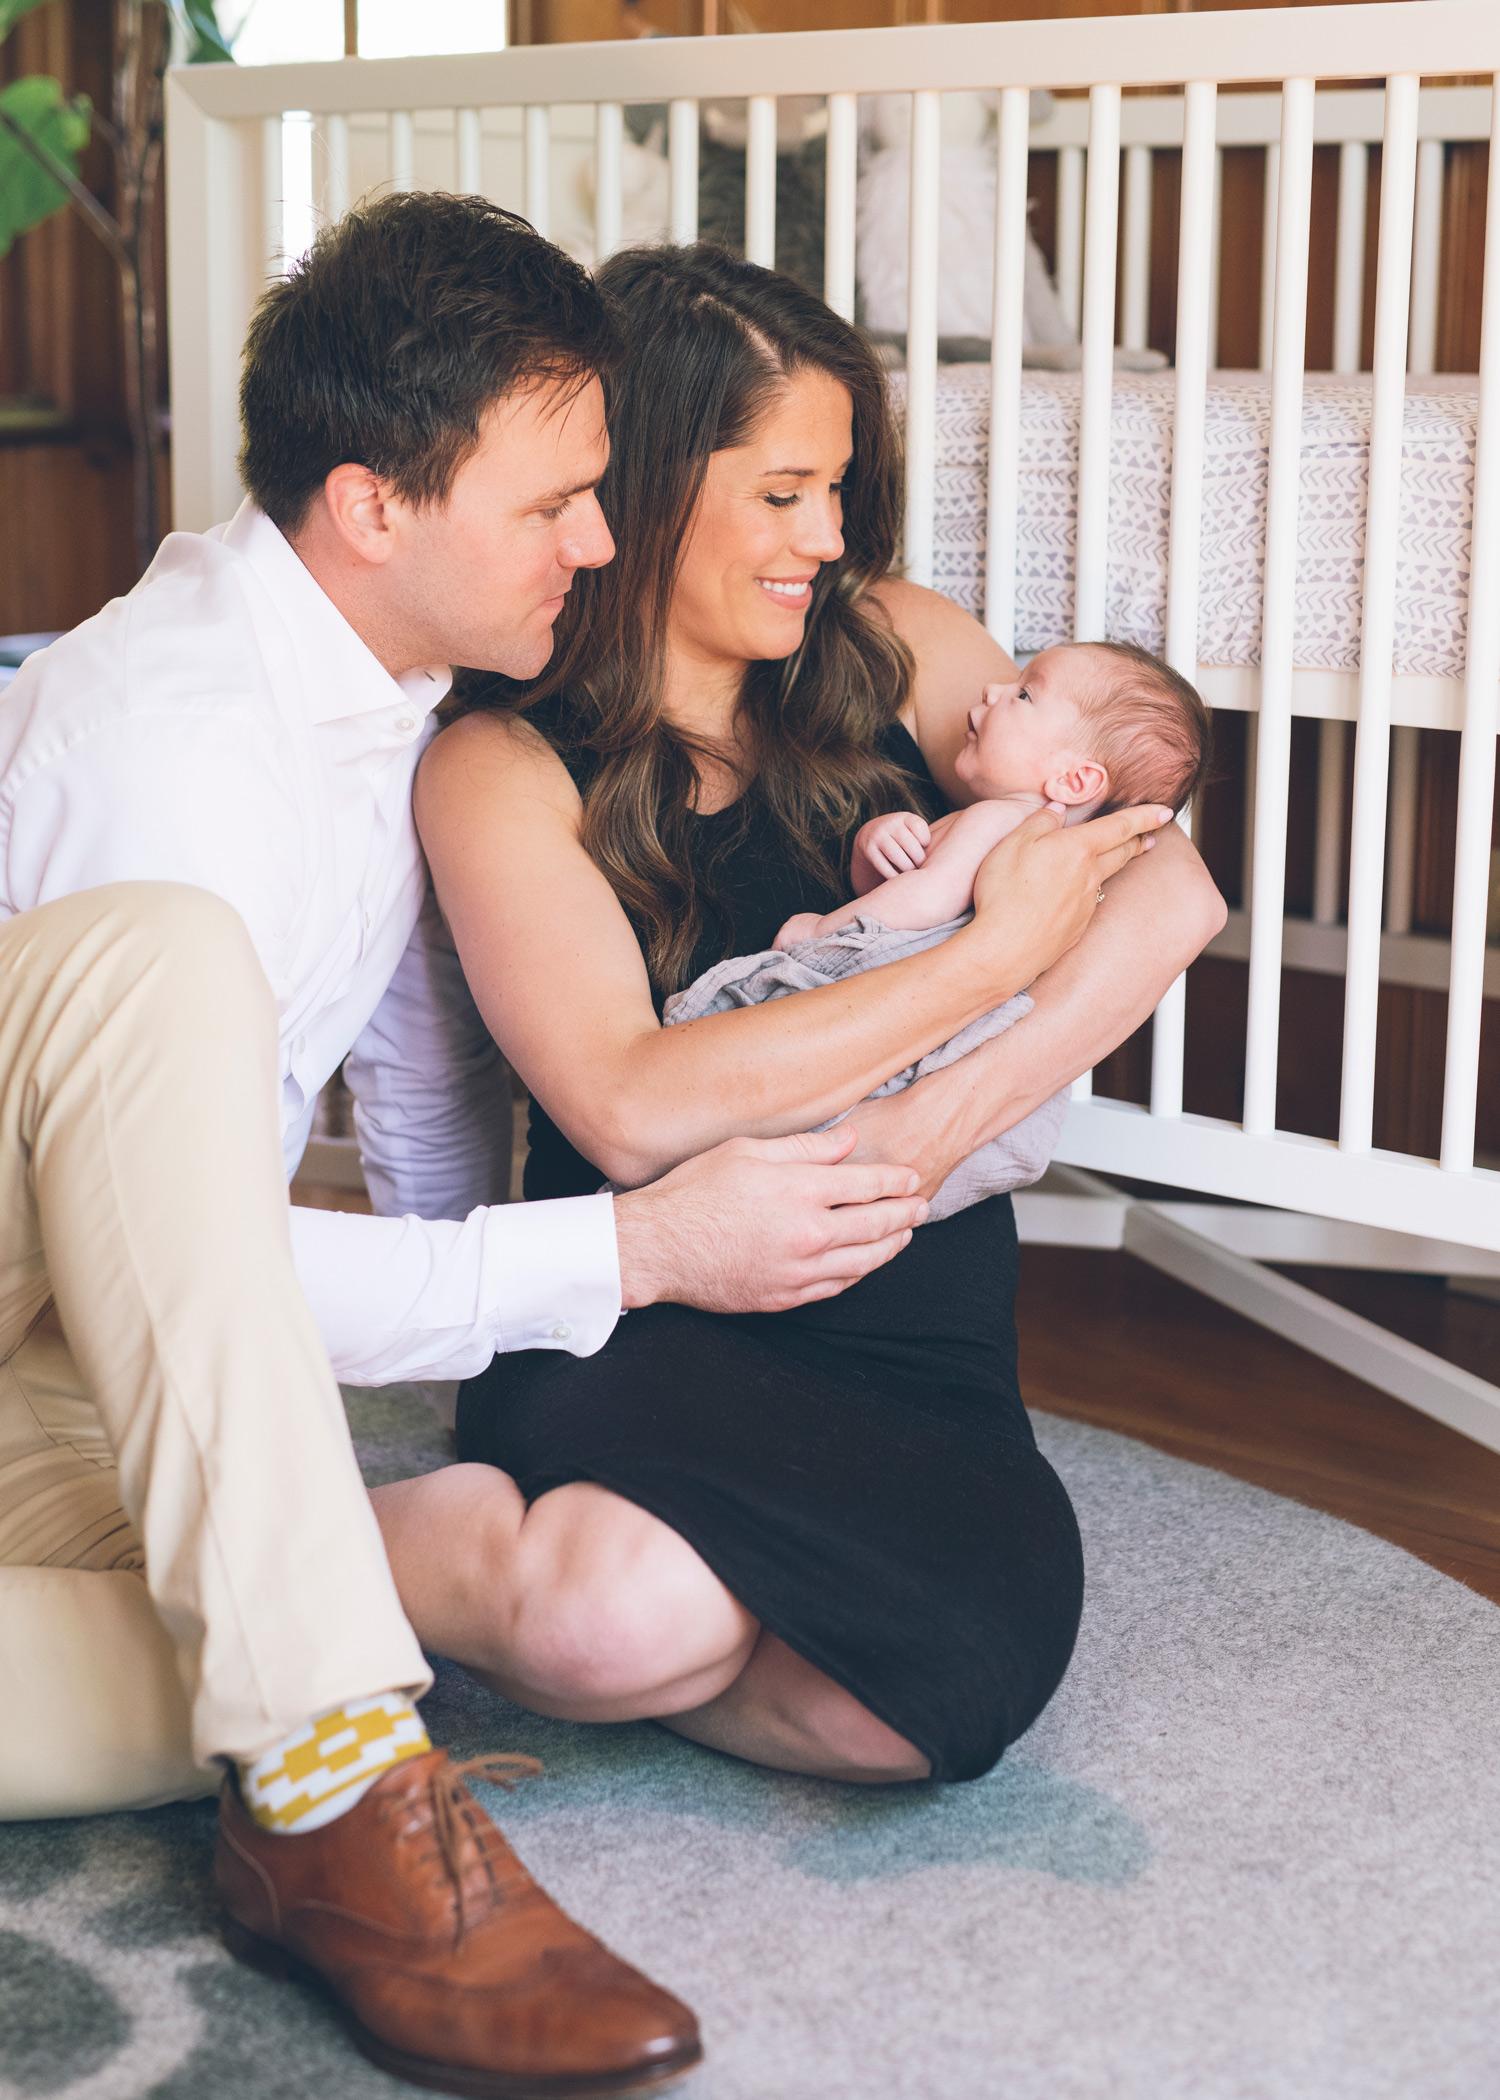 new-family-of-three.jpg